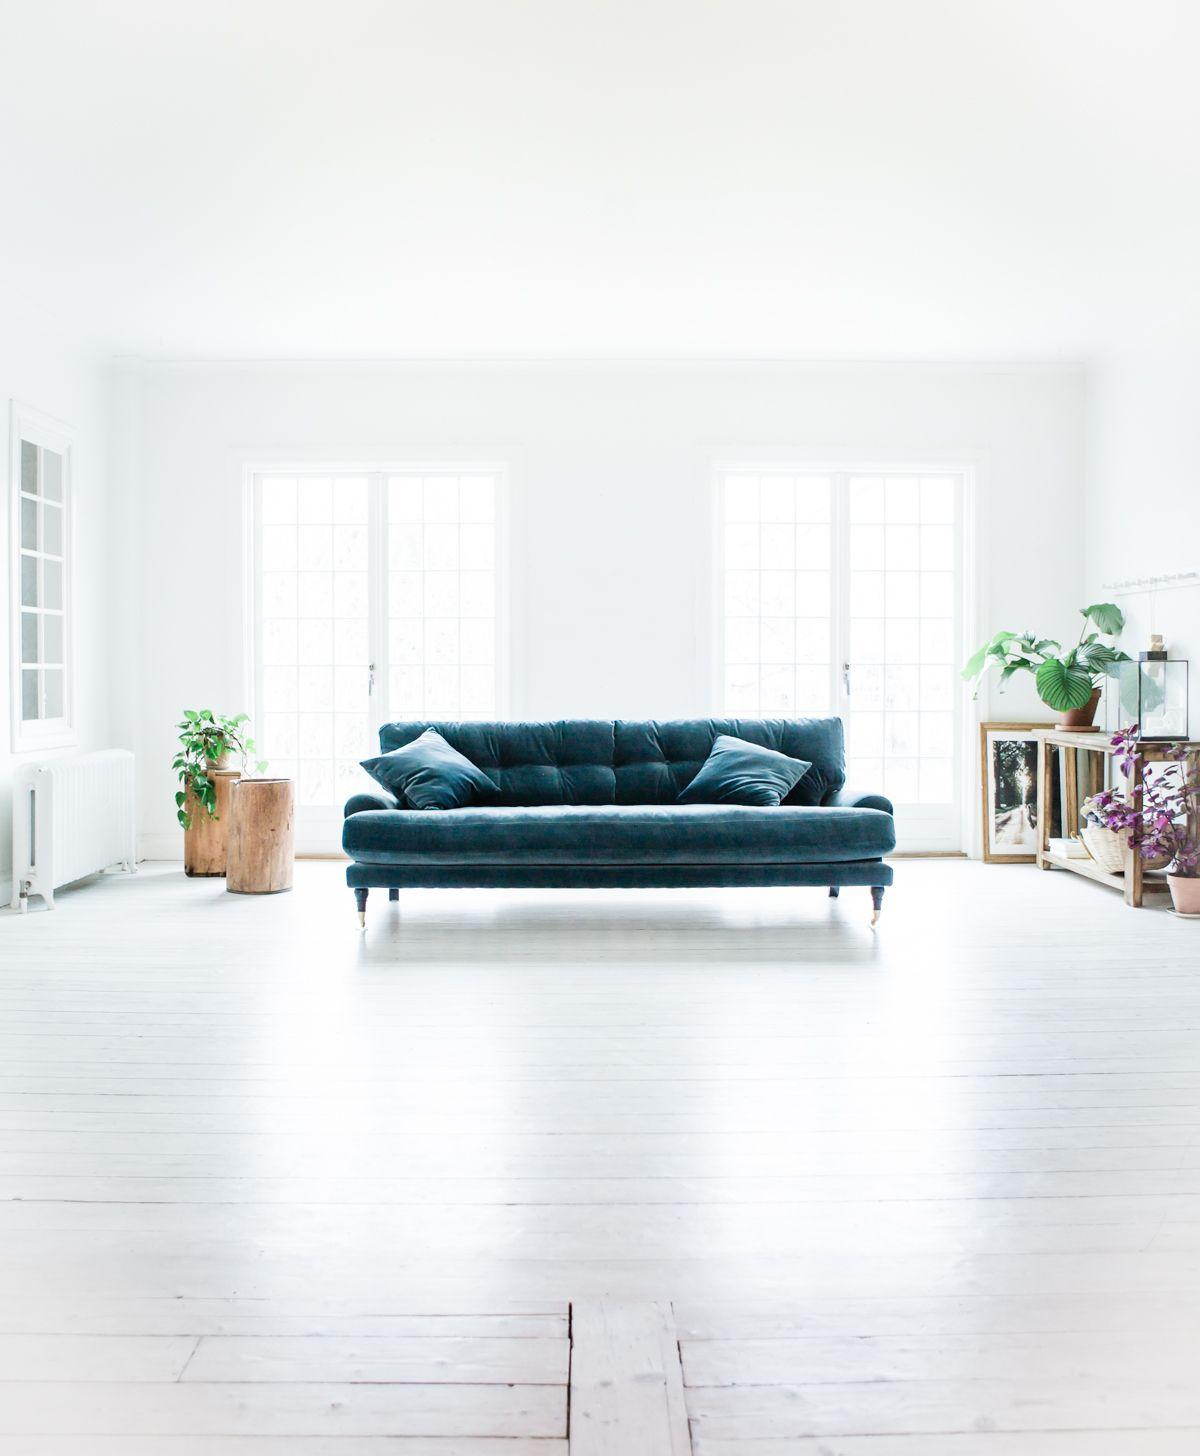 Wohndesign innenraum pin von apertunities auf chair love  pinterest  wohnen